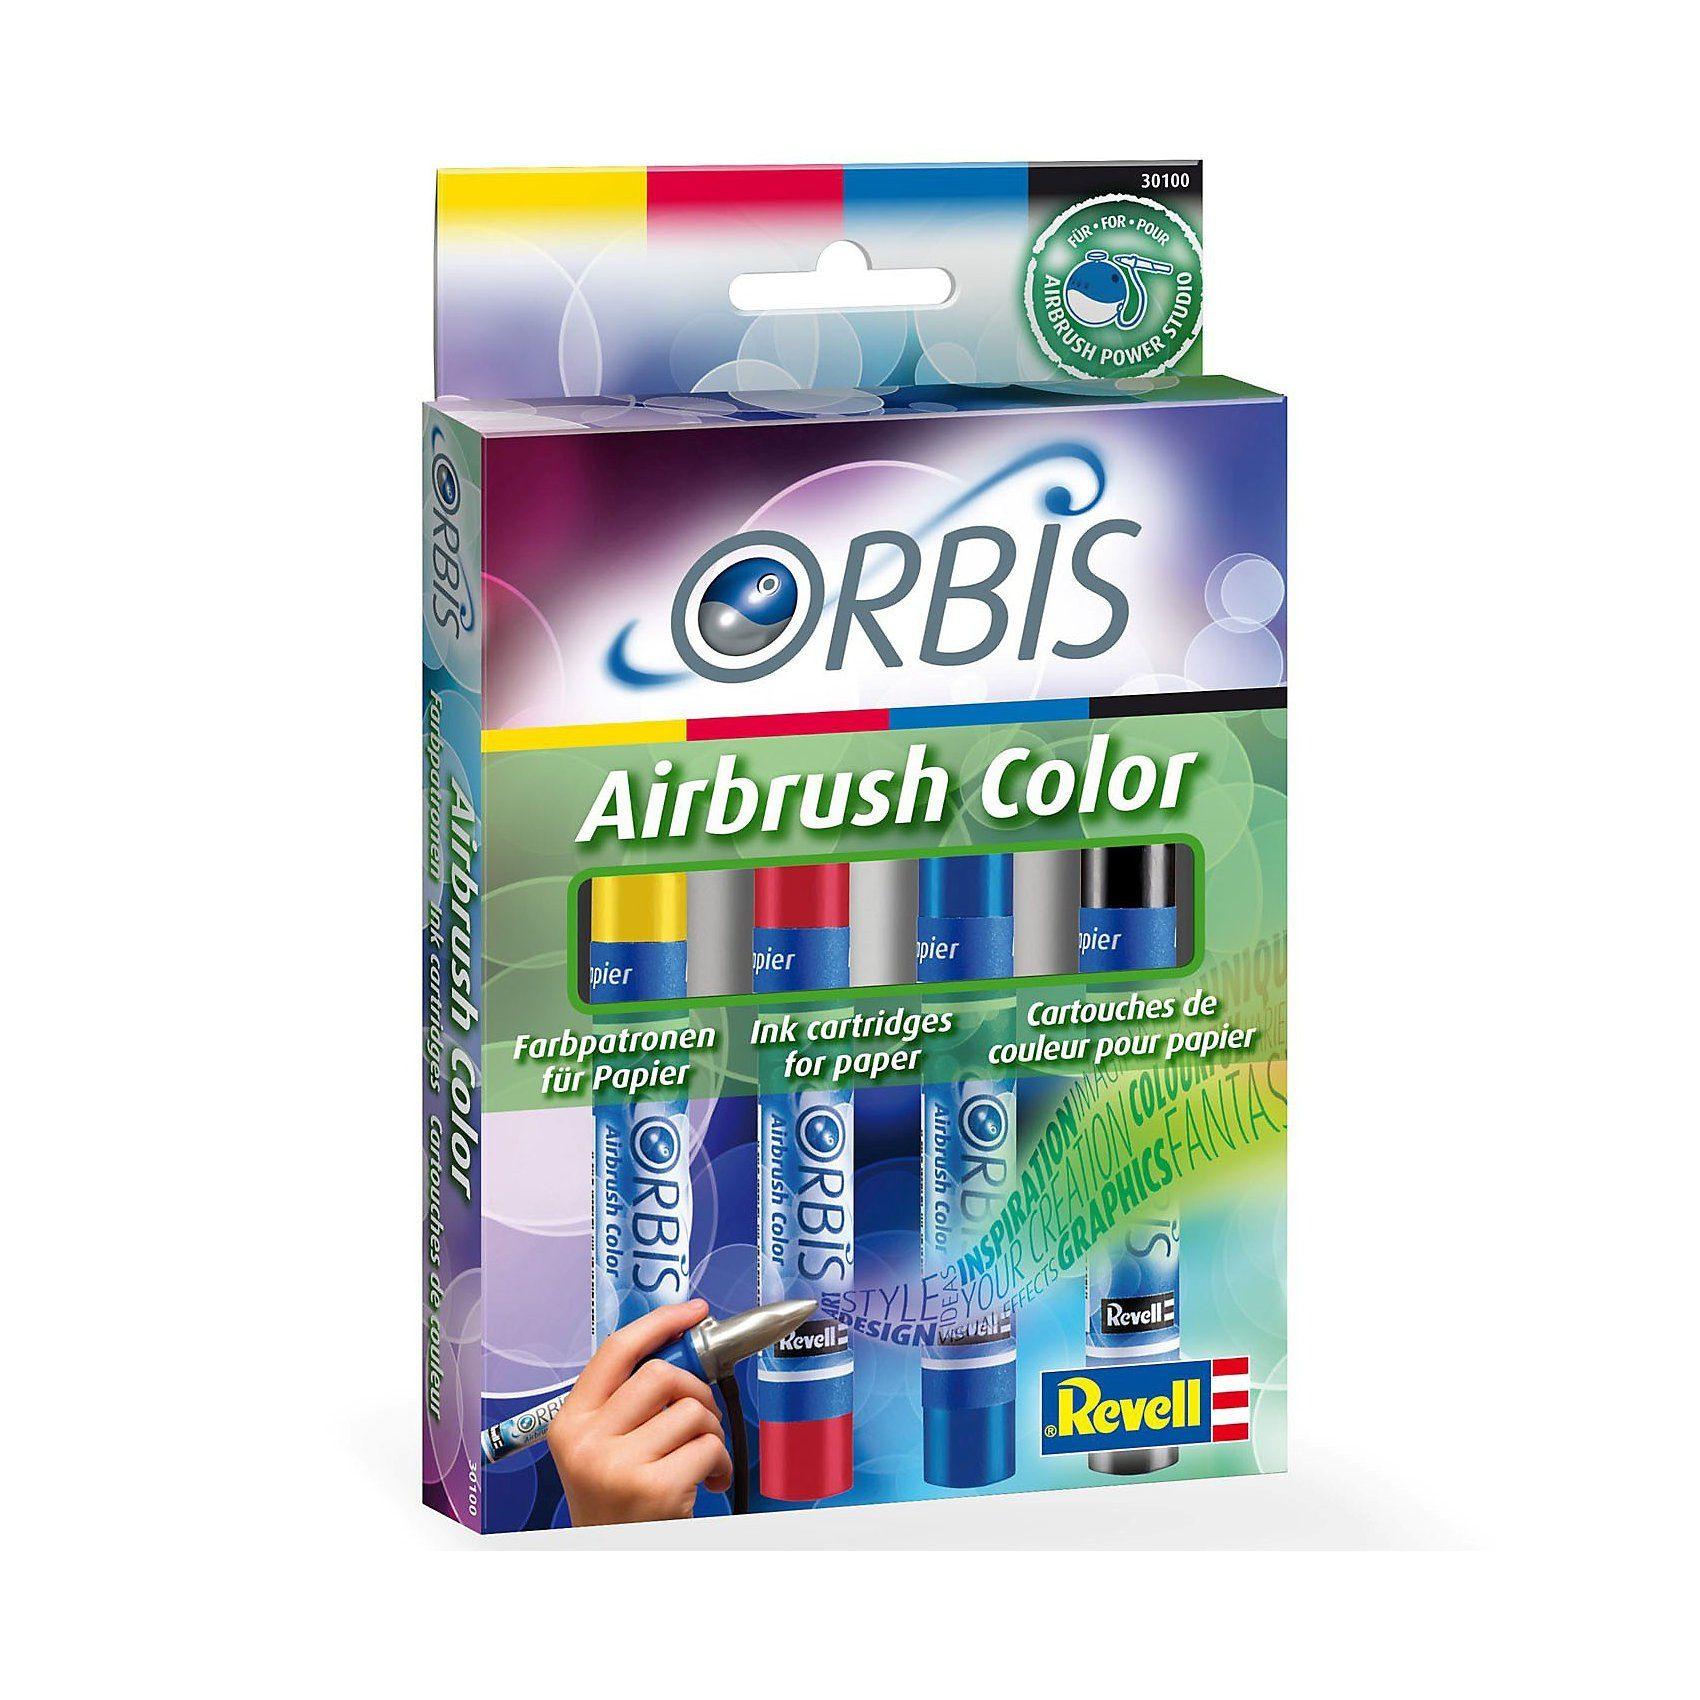 Revell Orbis 30100 Airbrush Papierpatronen Nachfüll-Set A